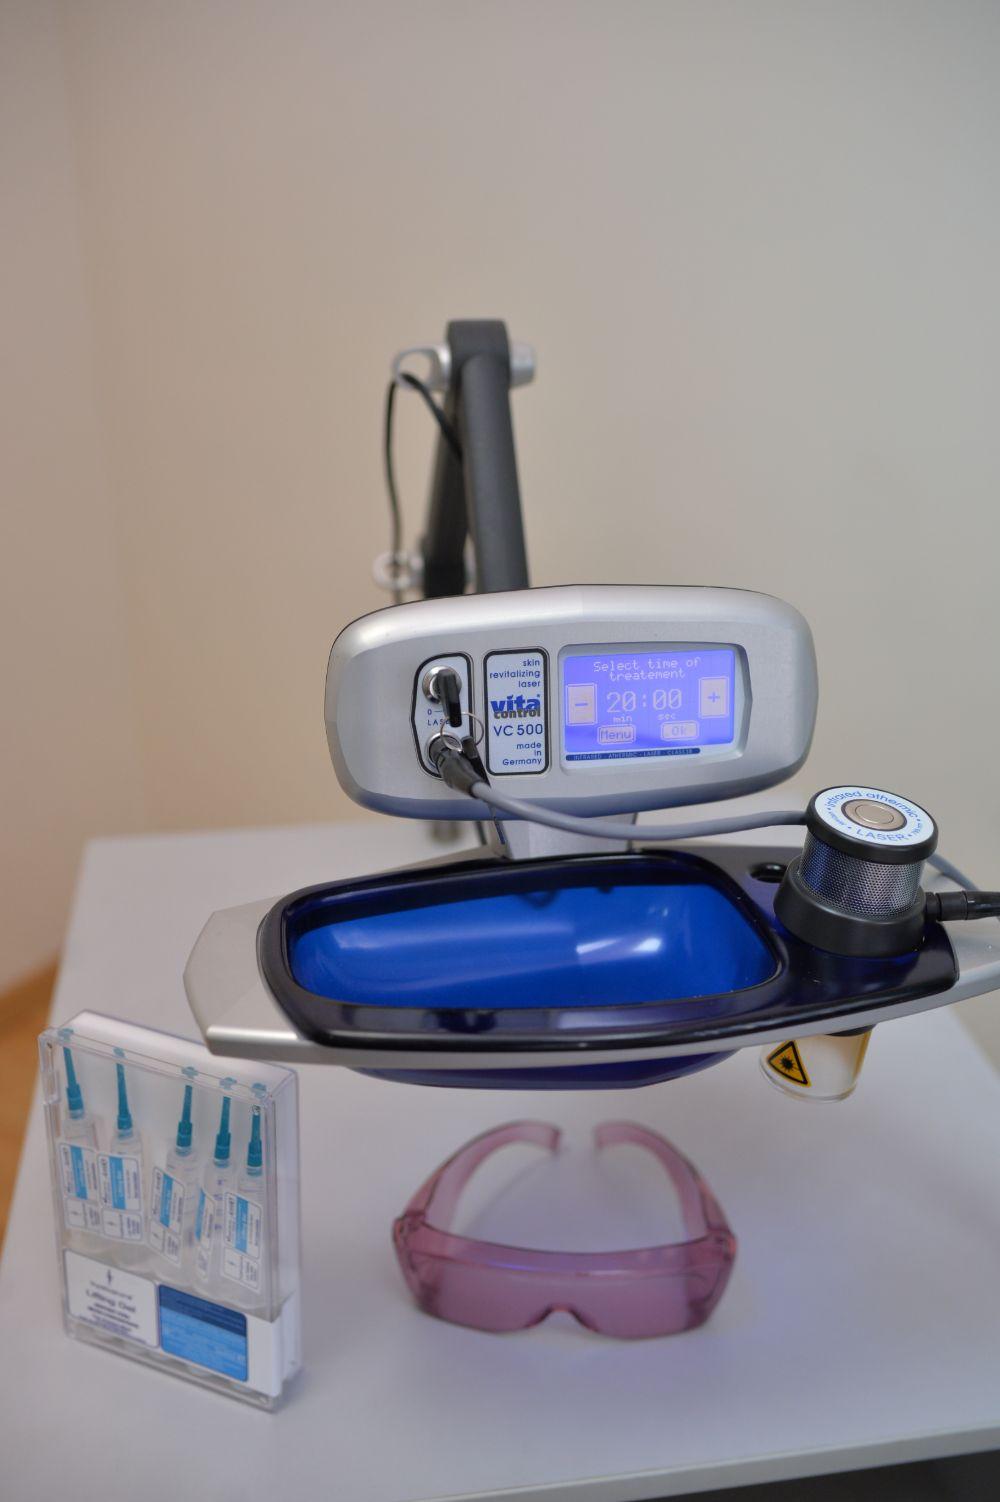 Лазерна біоревіталізація обличчя та тіла апаратом Vitalaser 500 (Німеччина)